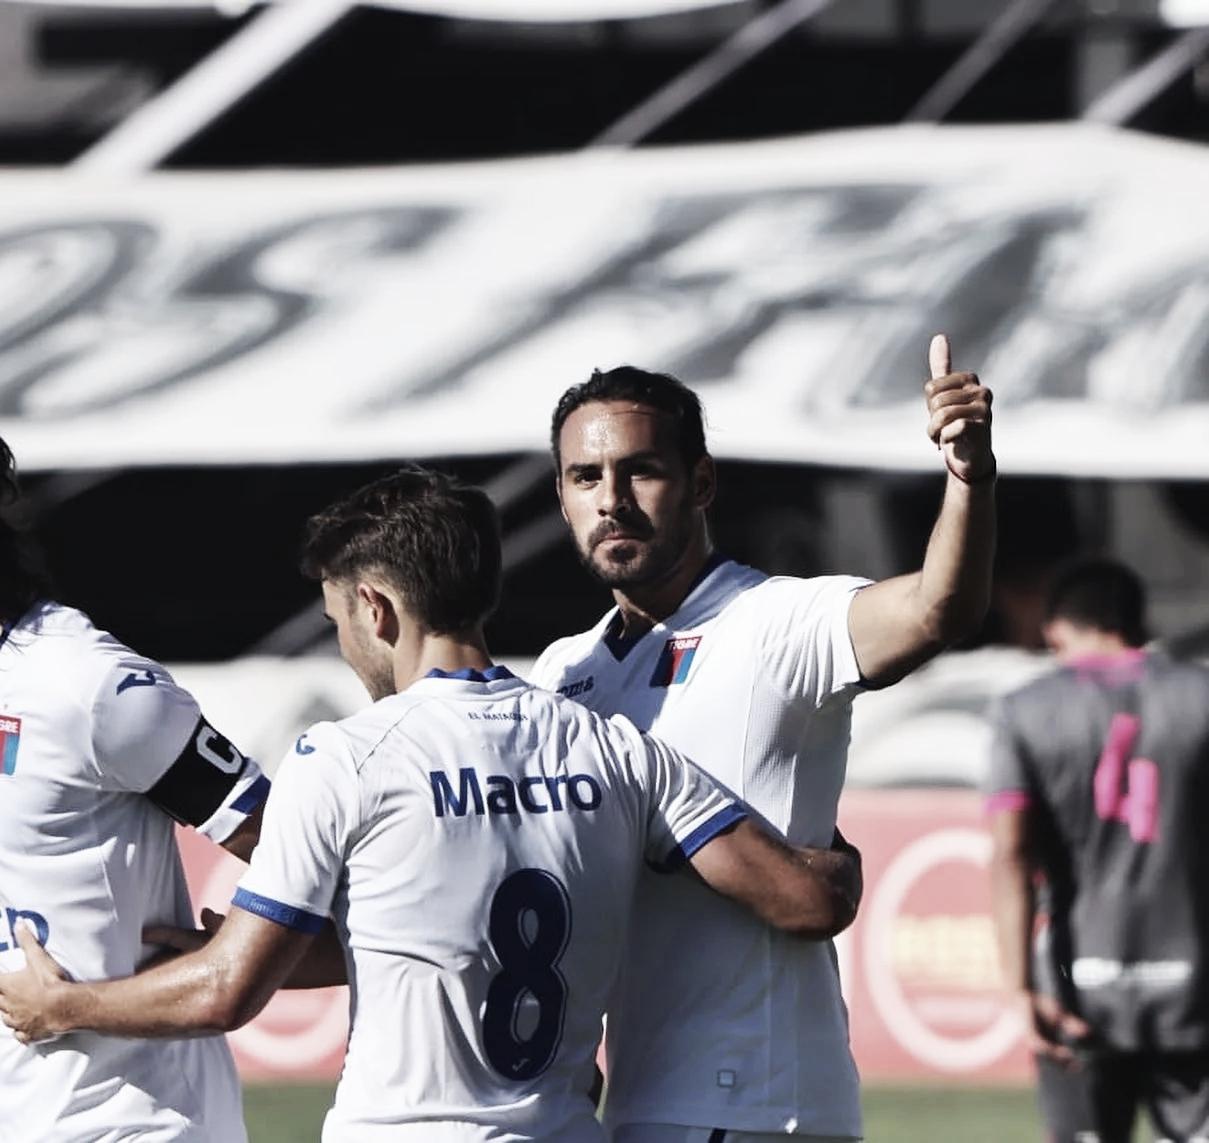 Tigre goleó a Gimnasia en Mendoza y sigue firme en la lucha por el ascenso